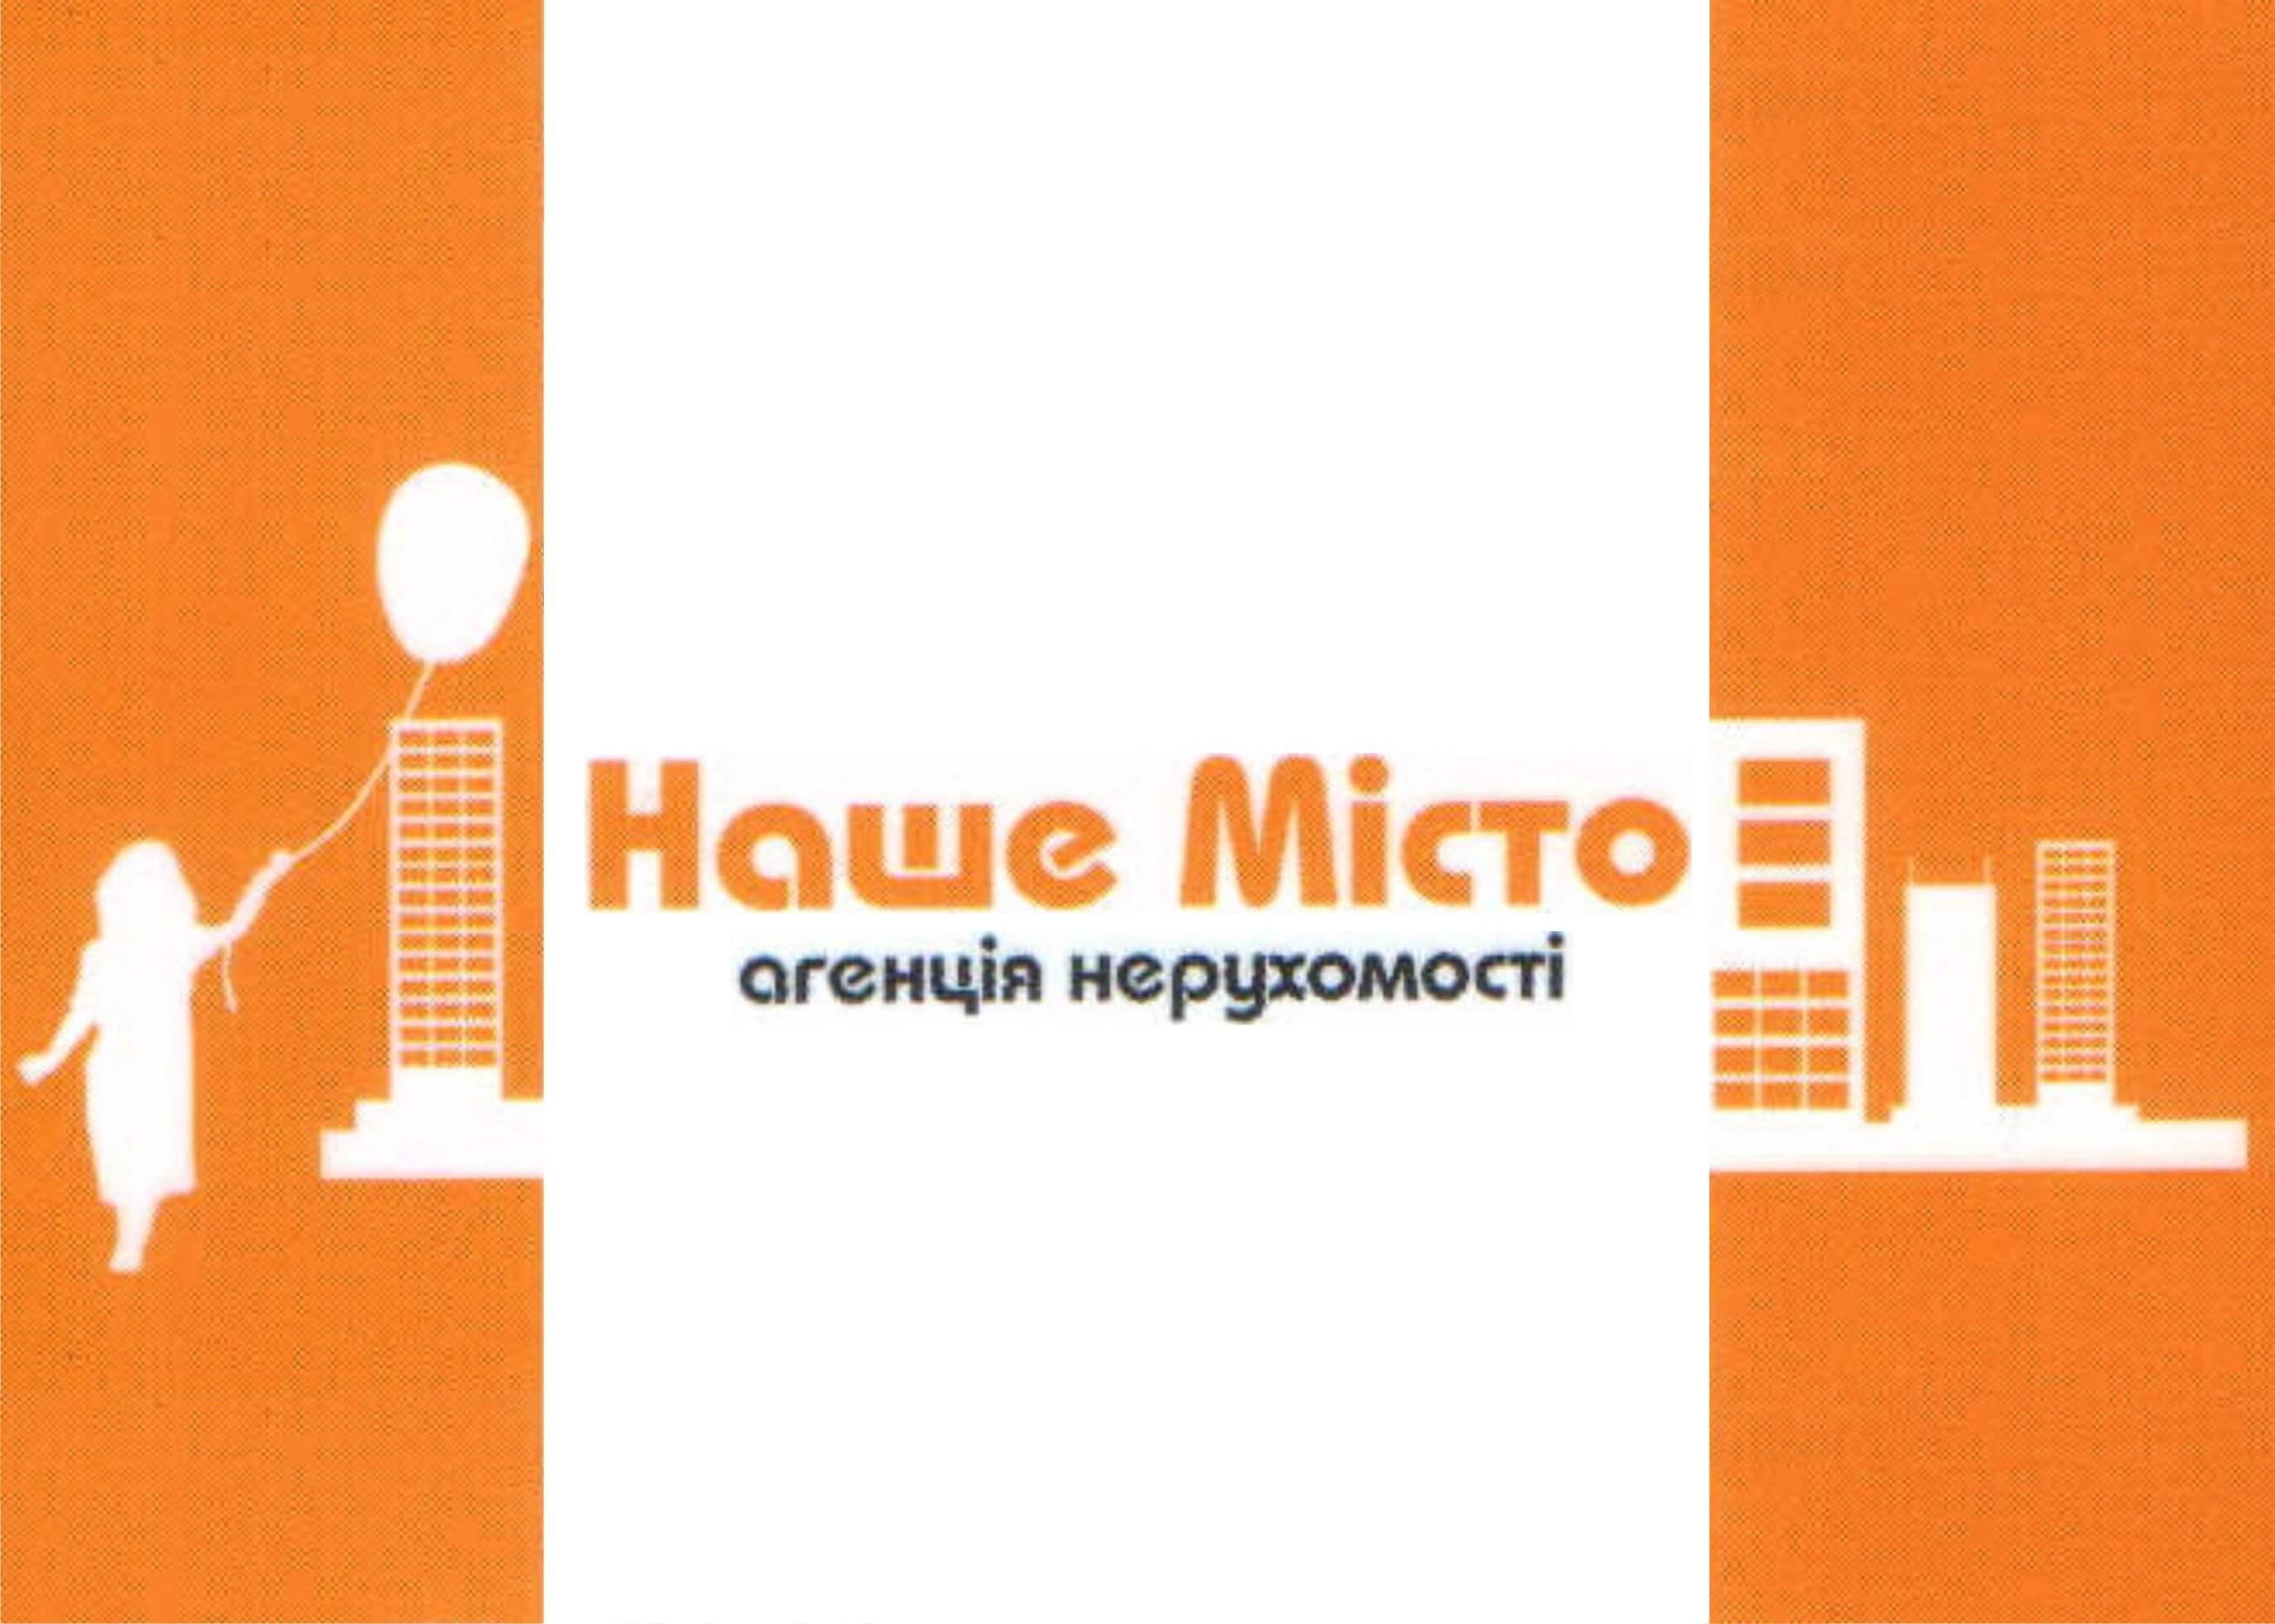 Логотип компанії Наше місто, Агентство нерухомості